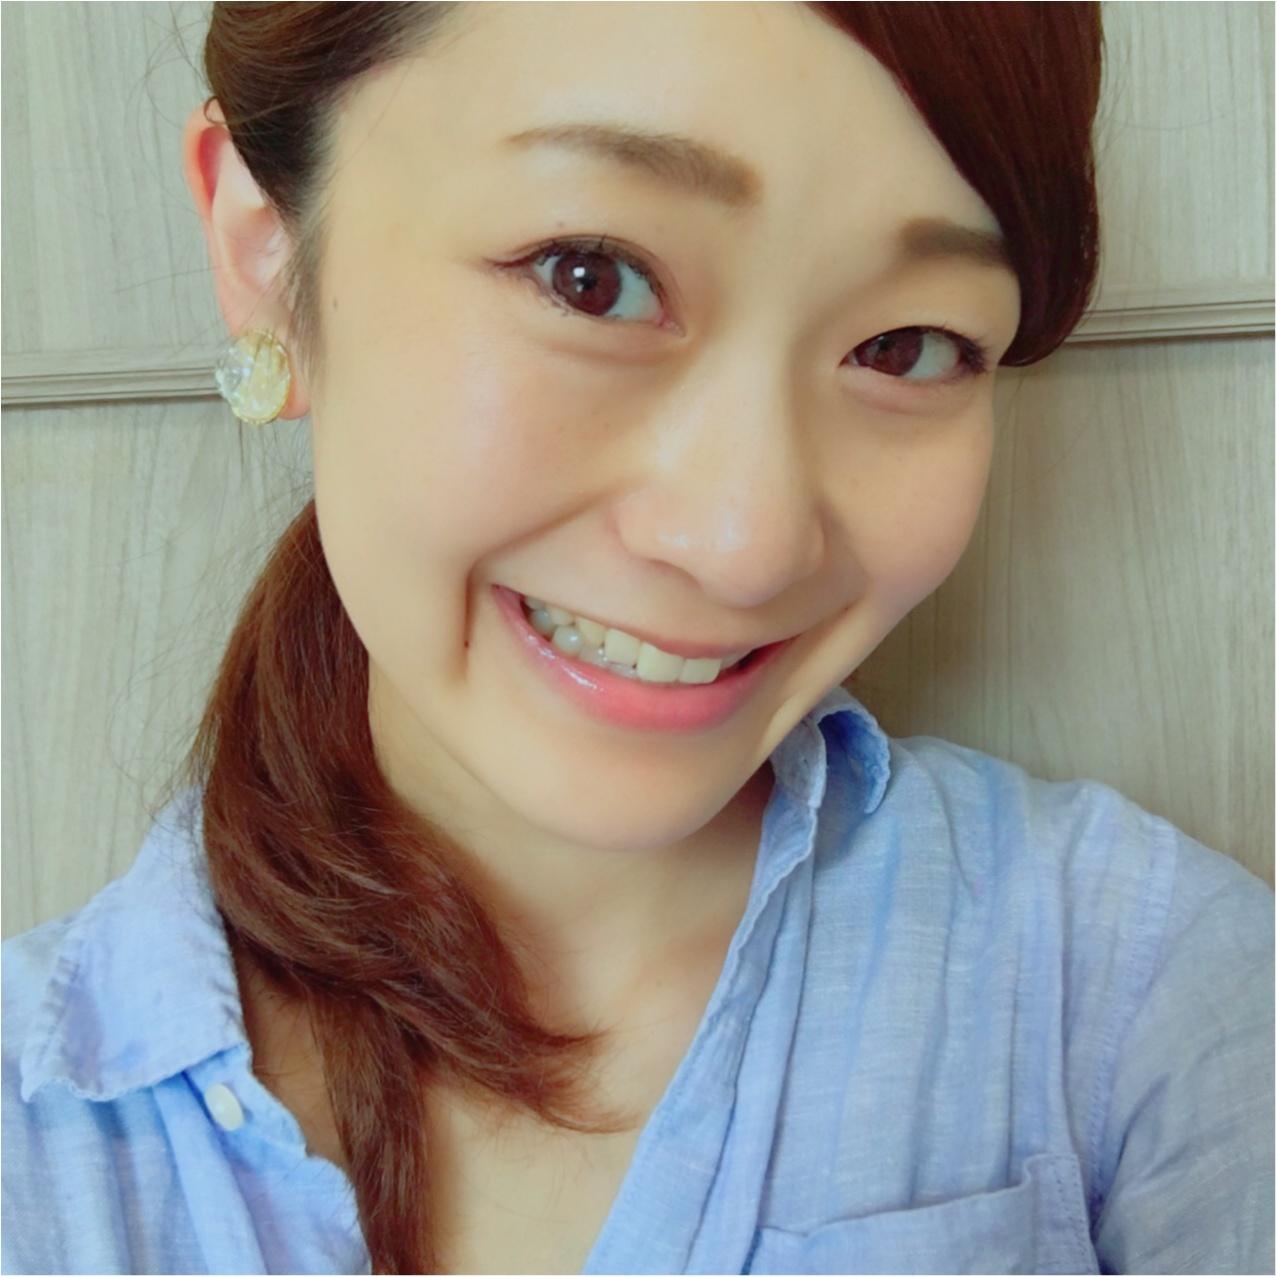 【レシピ公開】もうすぐ梅雨明け!夏にぴったりなハンドメイドのクリアイヤリング♡_7